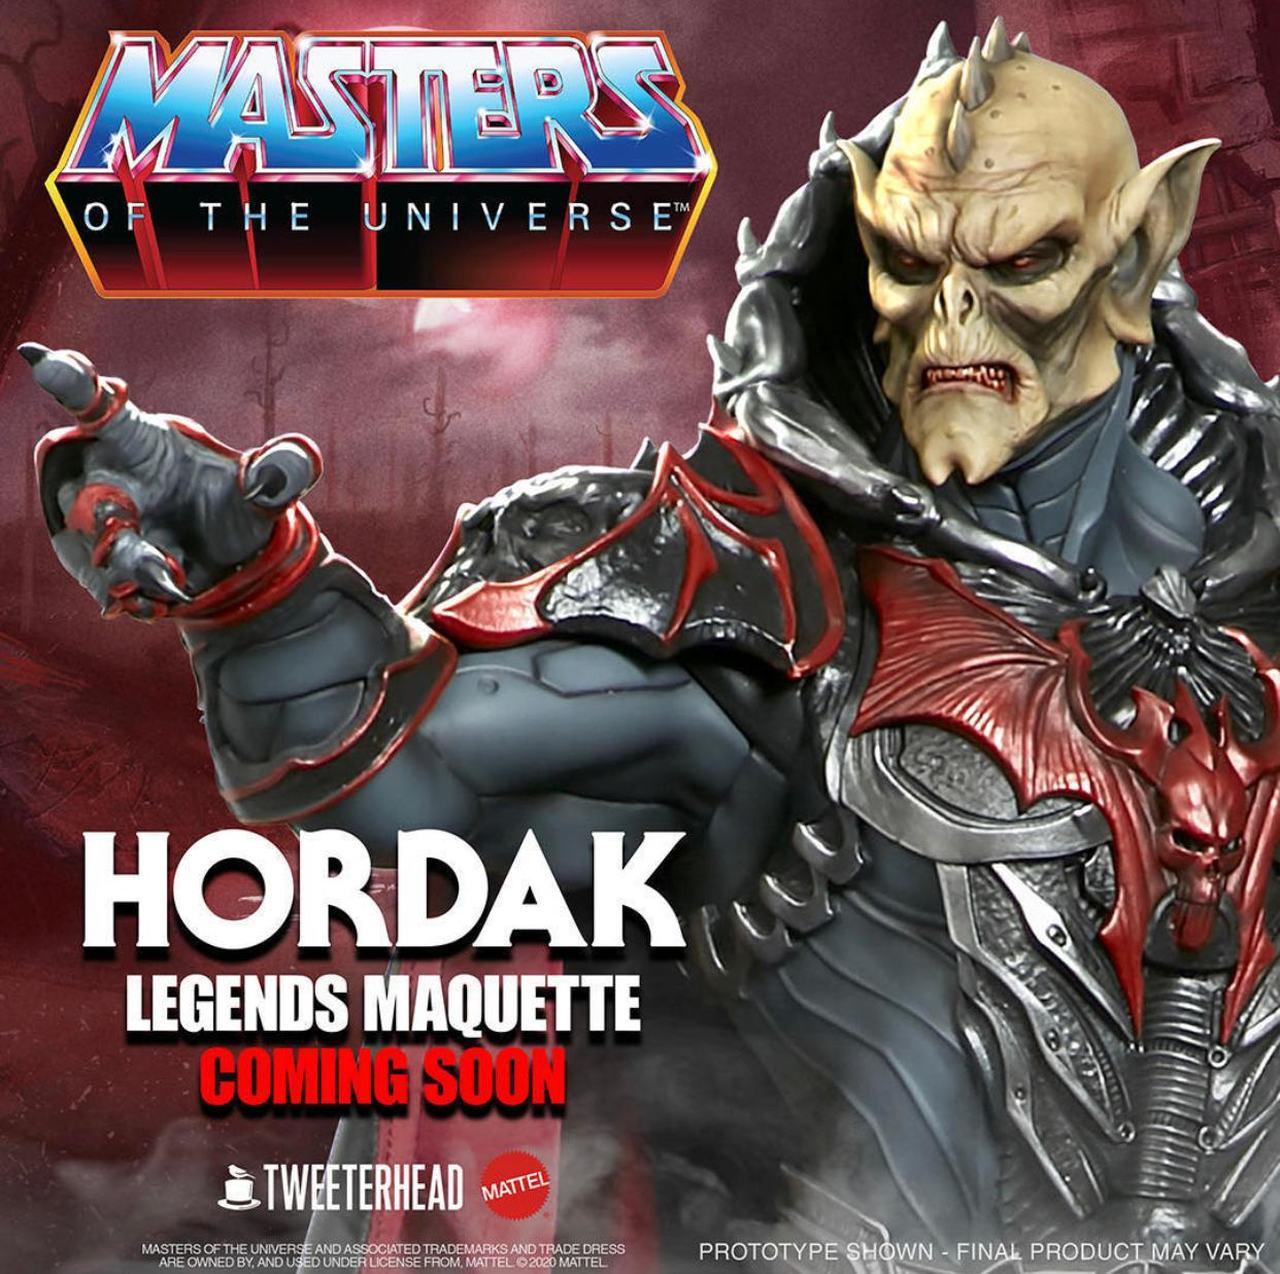 PRÉ VENDA: Estátua Hordak: Mestres do Universo (Masters of the Universe) - Maquette escala 1/5 - Edição Padrão - Tweeterhead - EV